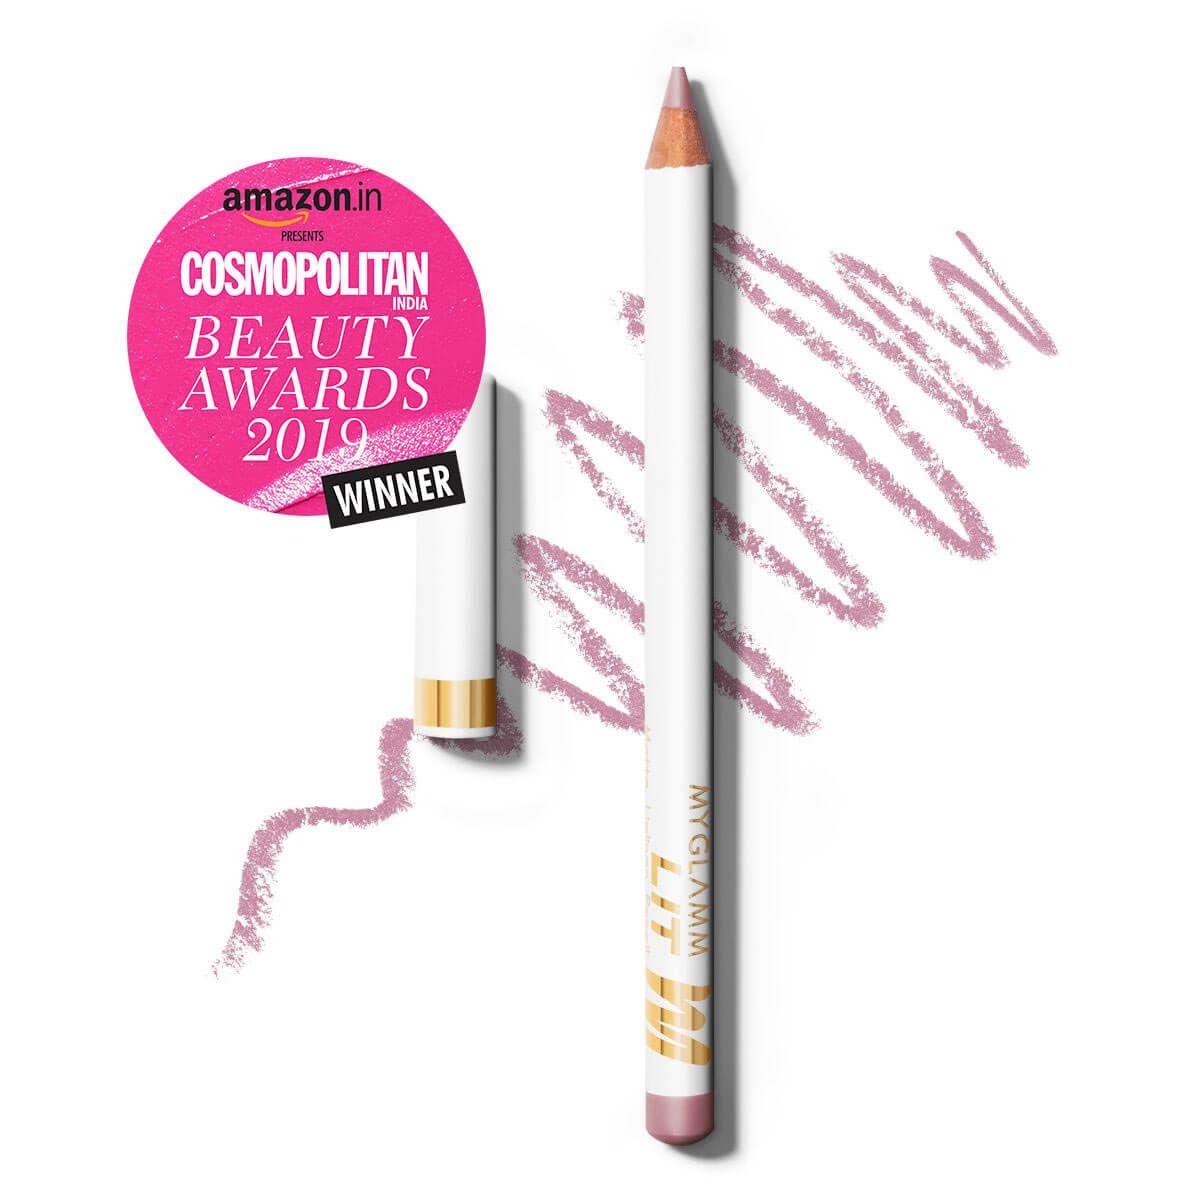 LIT Matte Lipliner Pencil - Pretty Mess